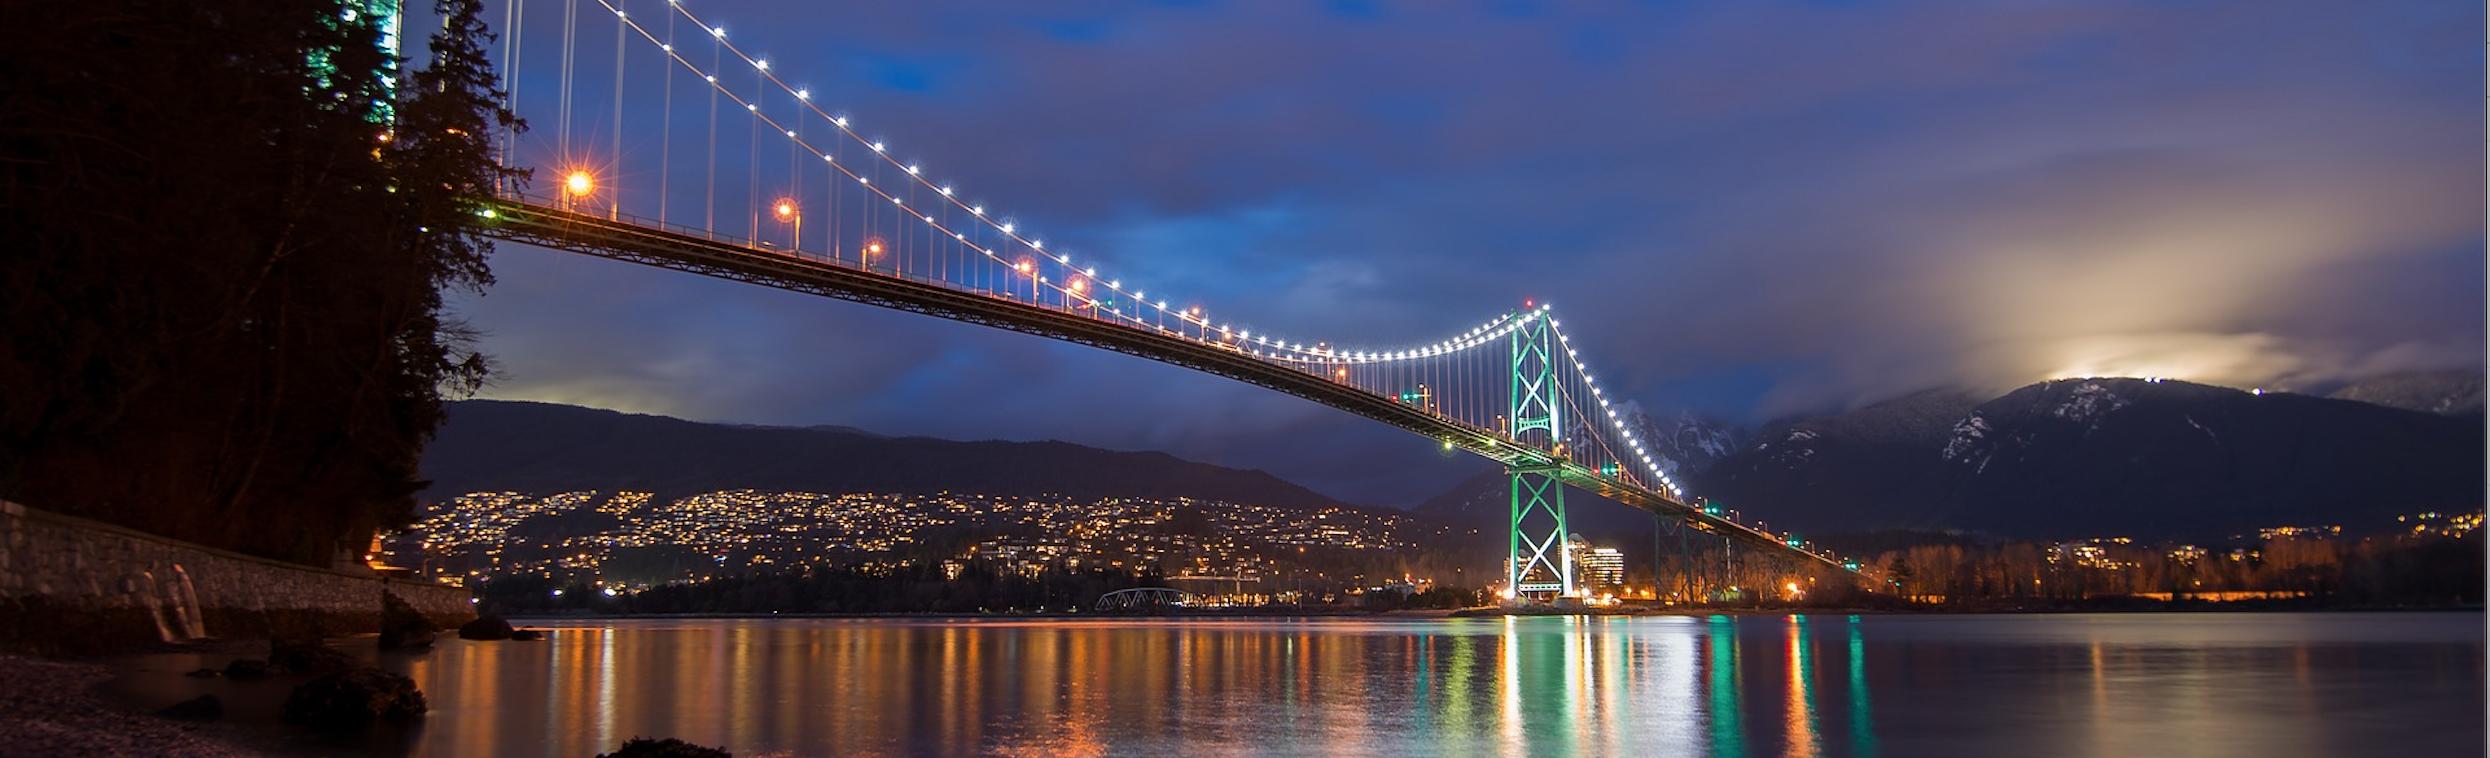 Wnioski po konferencji w Kanadzie 2020 – dr. Frye cz. 1.